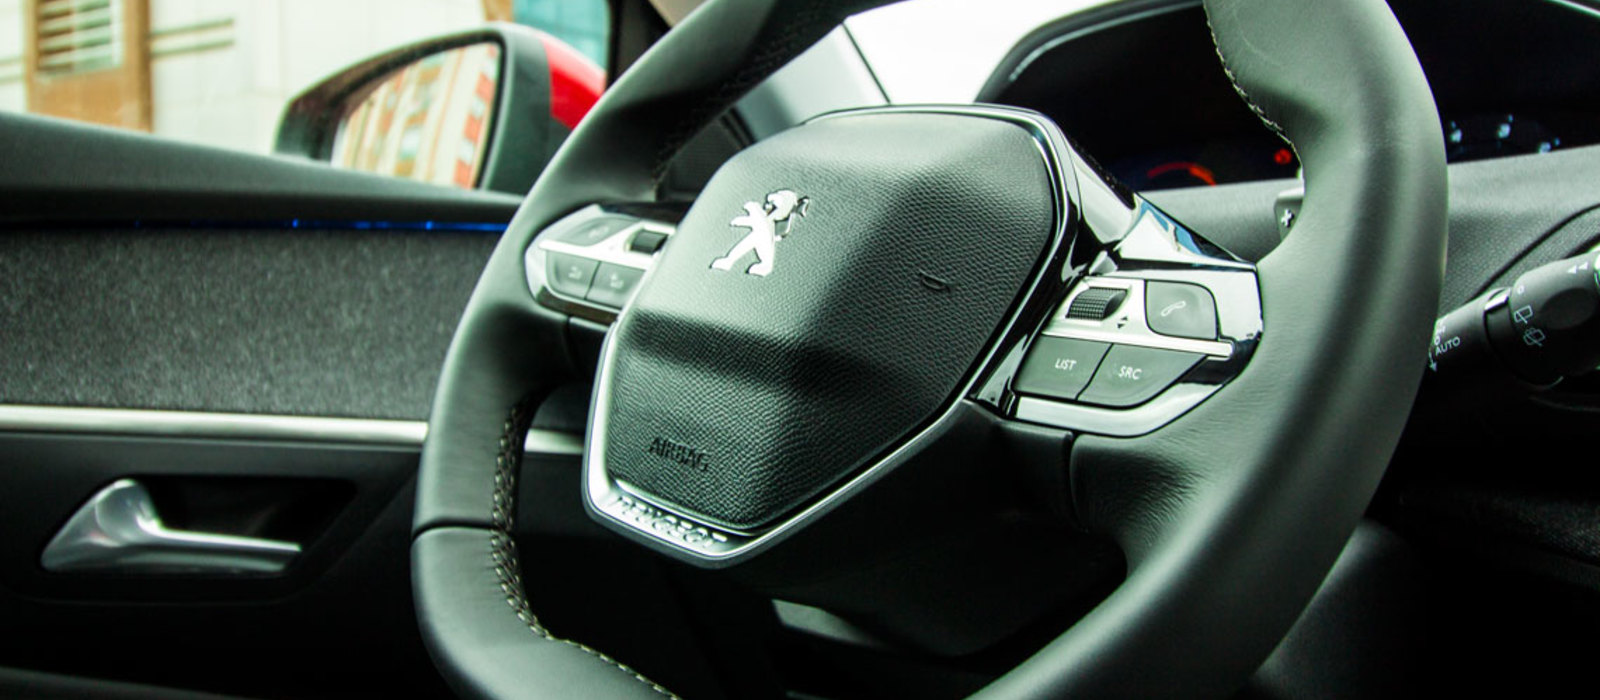 ikinci el araba 2017 Peugeot 3008 1.6 BlueHDi Allure Dizel Otomatik 8000 KM 10